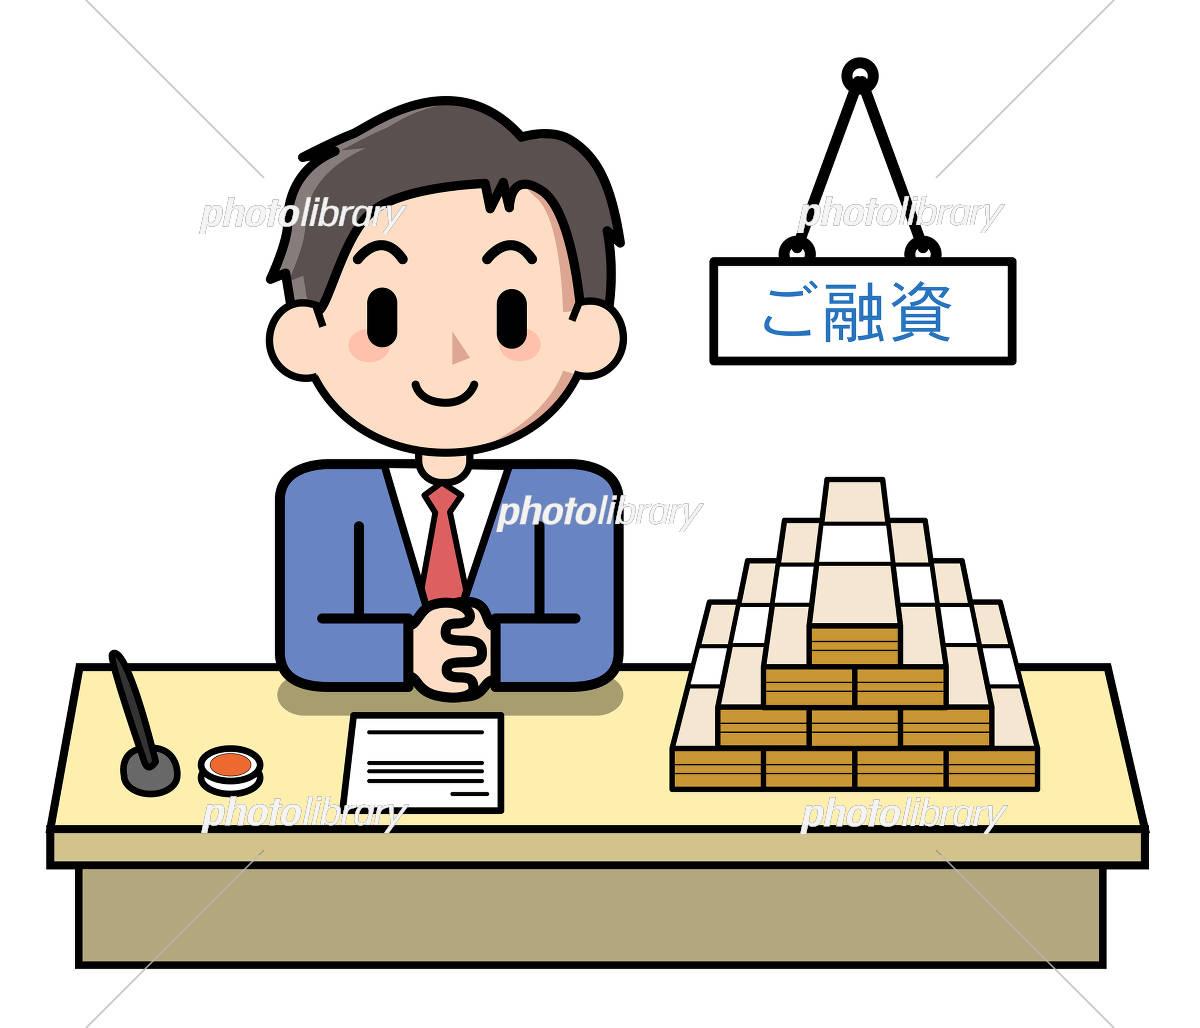 銀行融資担当 イラスト素材 [ 5158162 ] - フォトライブラリー